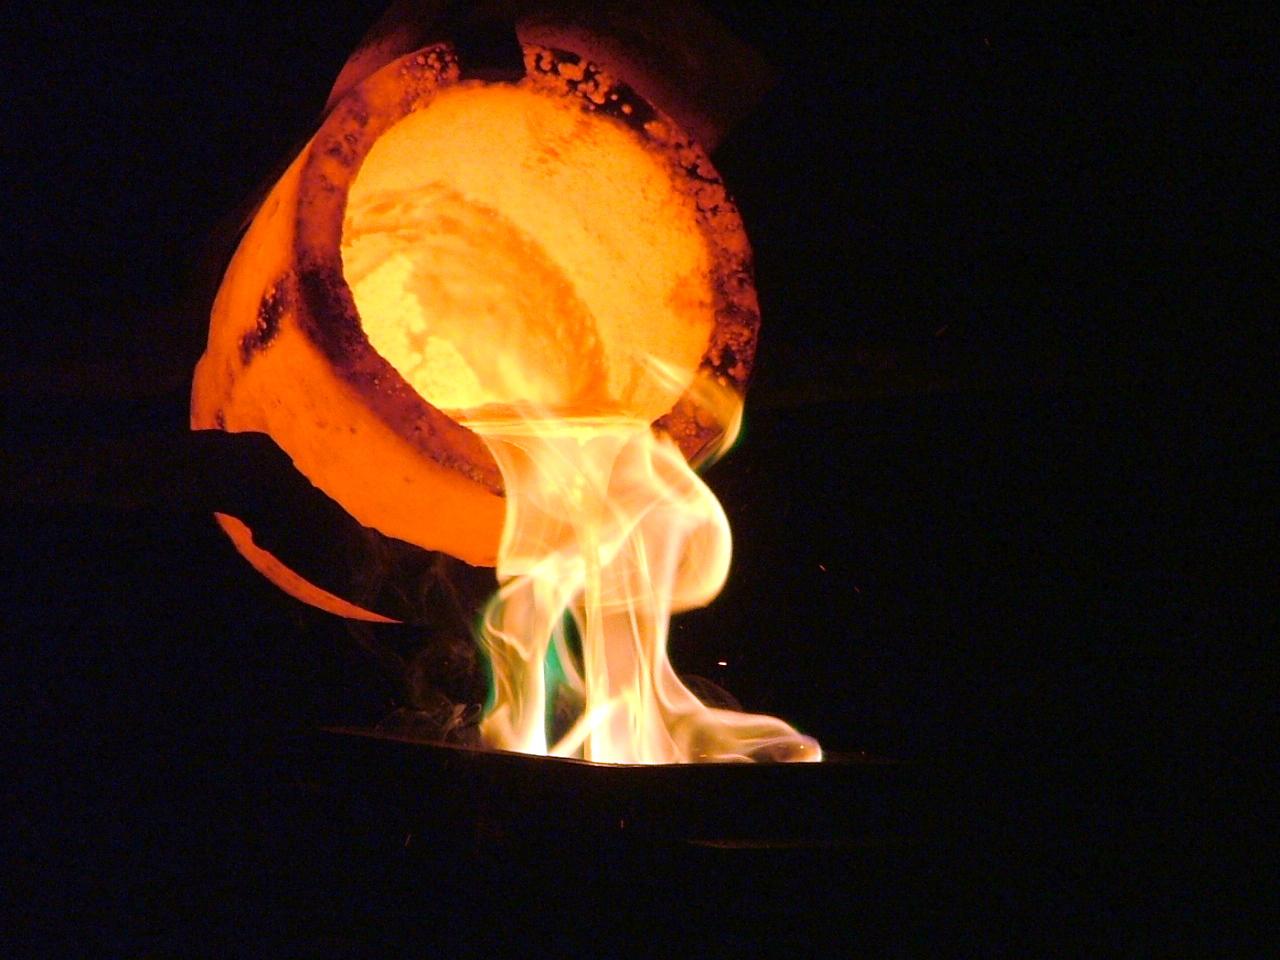 56ca952159c1 ... и незыблемым колоссом с непререкаемым авторитетом высшей материальной  ценности остается только золото. Только сей благородный металл дает  стопроцентную ...